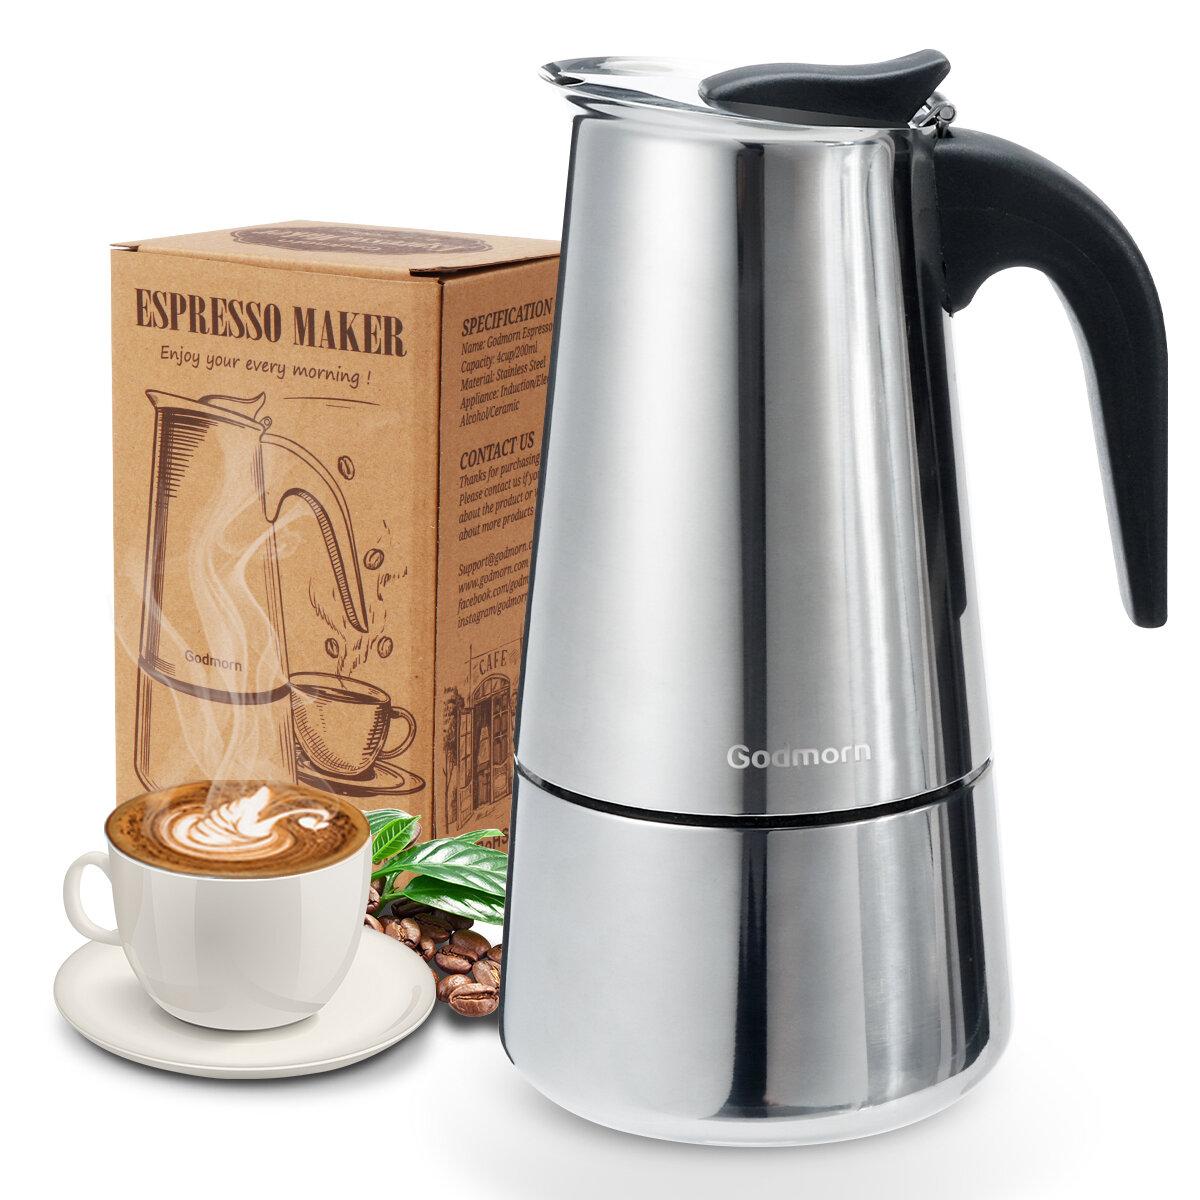 Godmorn Stovetop Espresso Maker Итальянская кофеварка Moka Pot 430 из нержавеющей стали Classic Cafe Maker